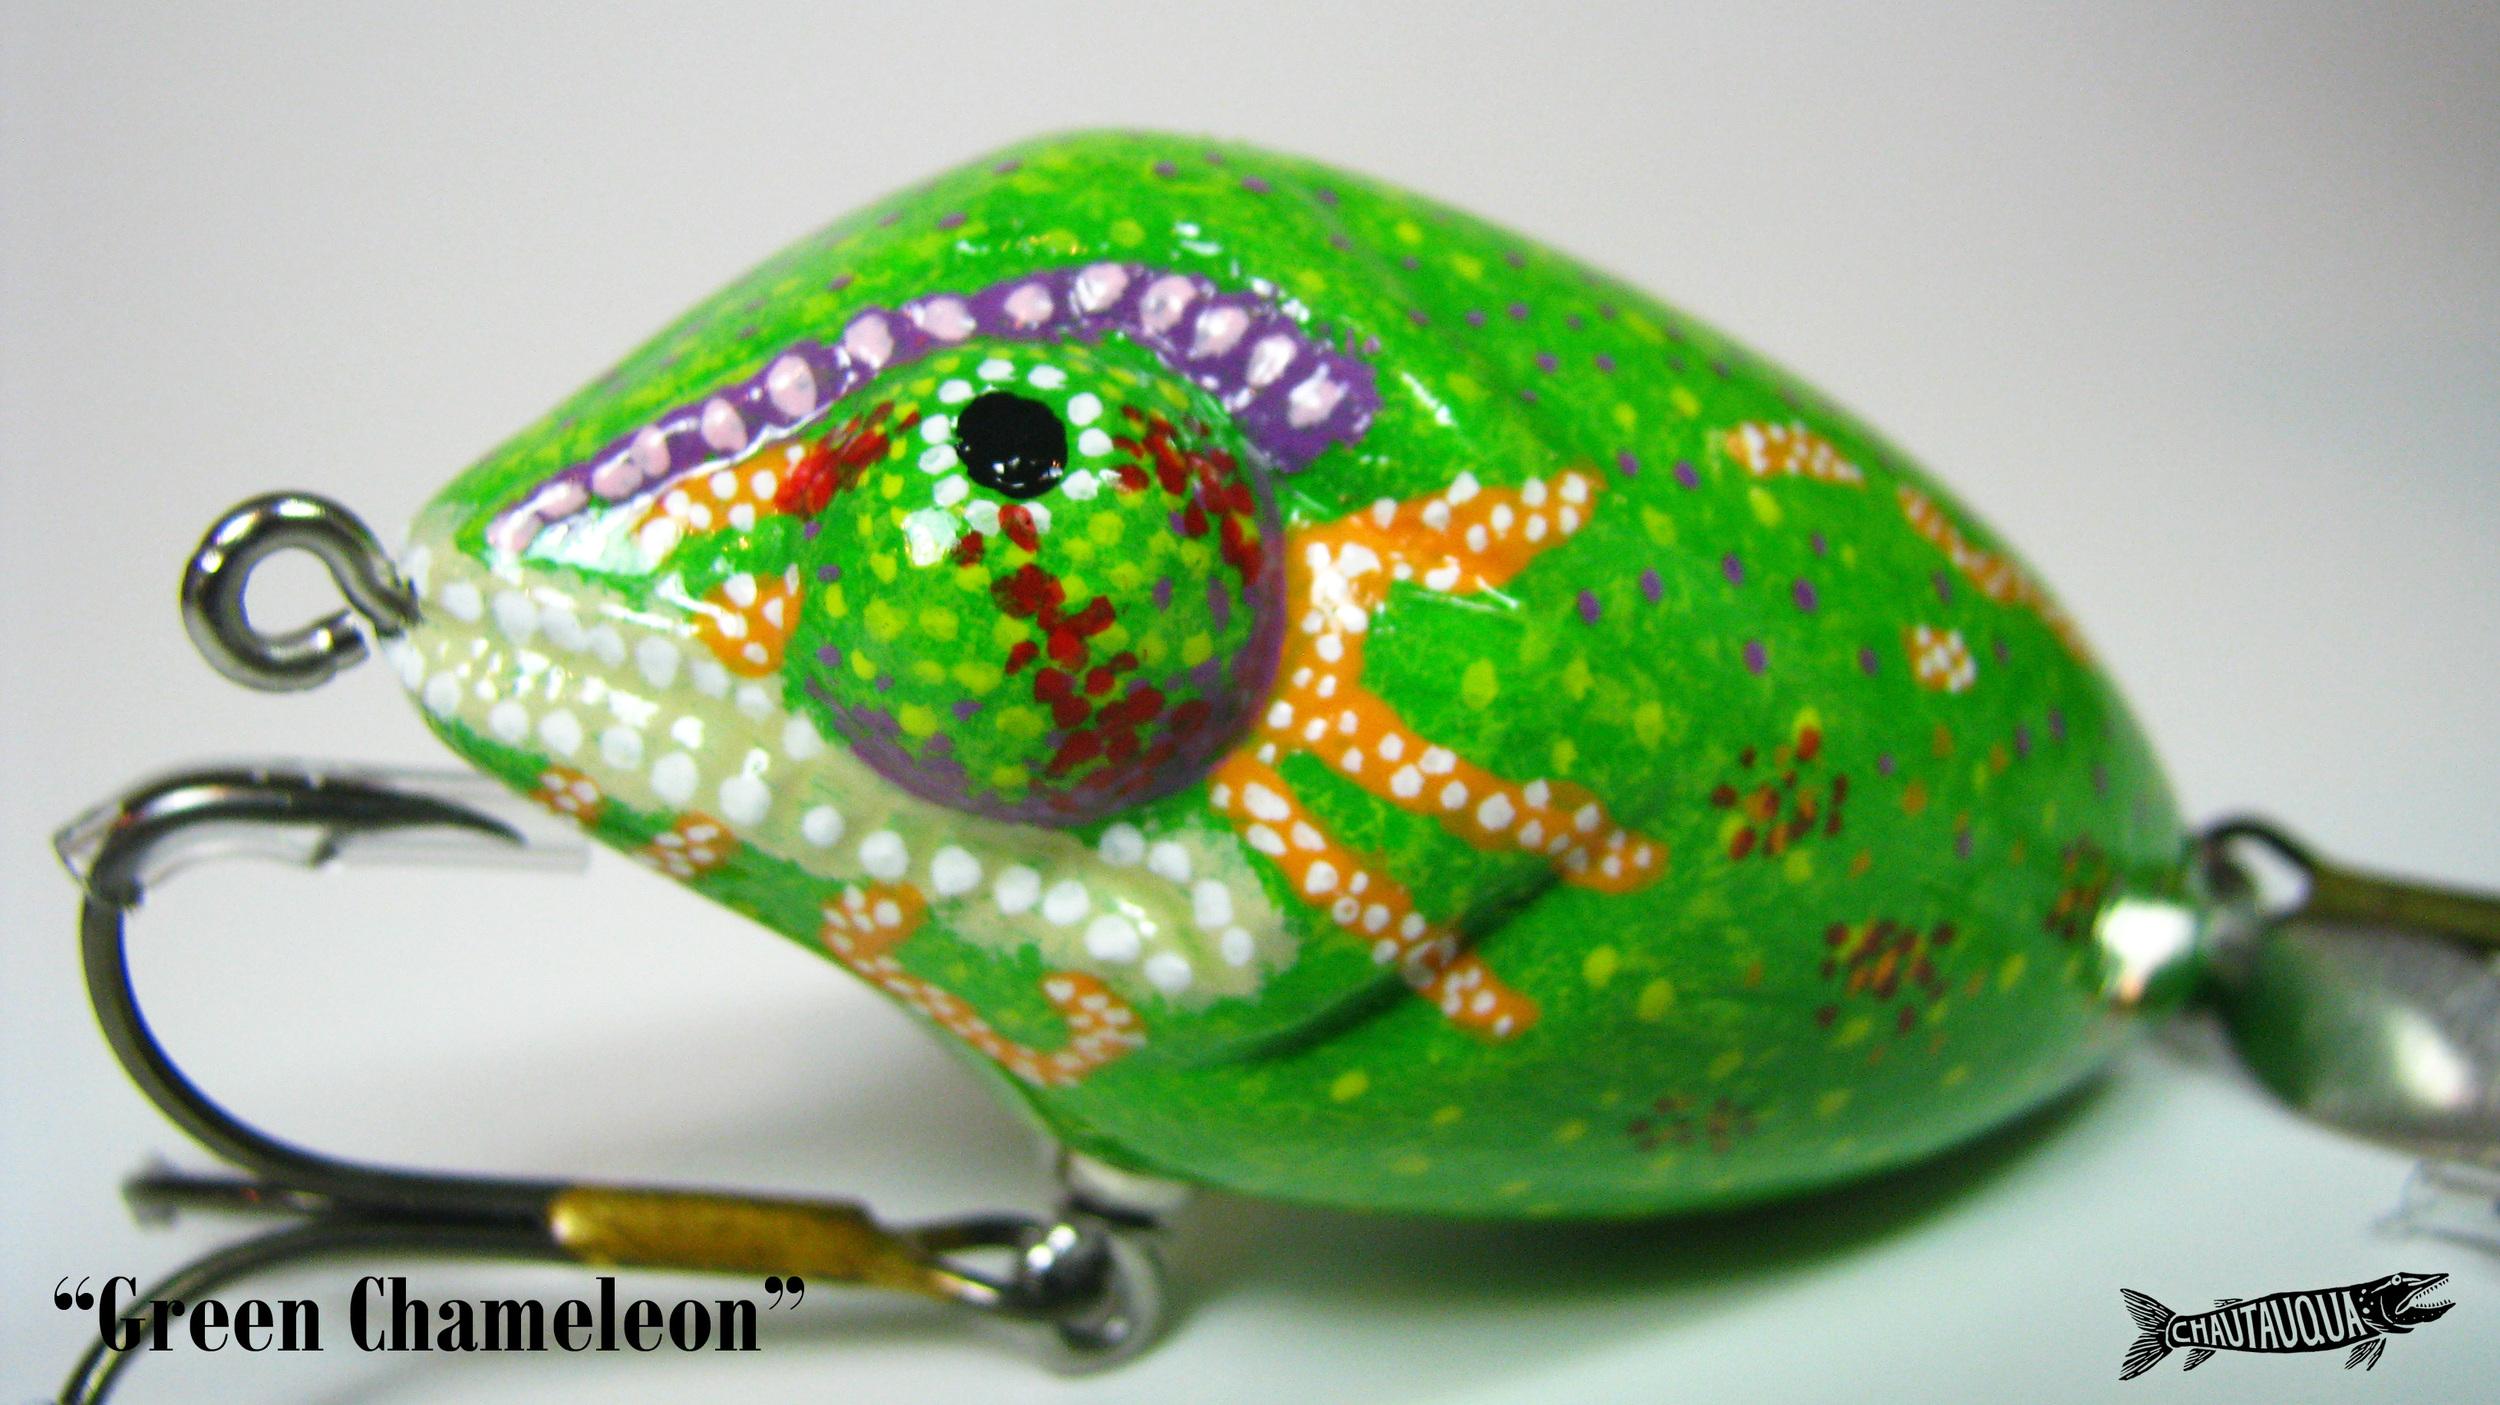 Green Chameleon4.jpg